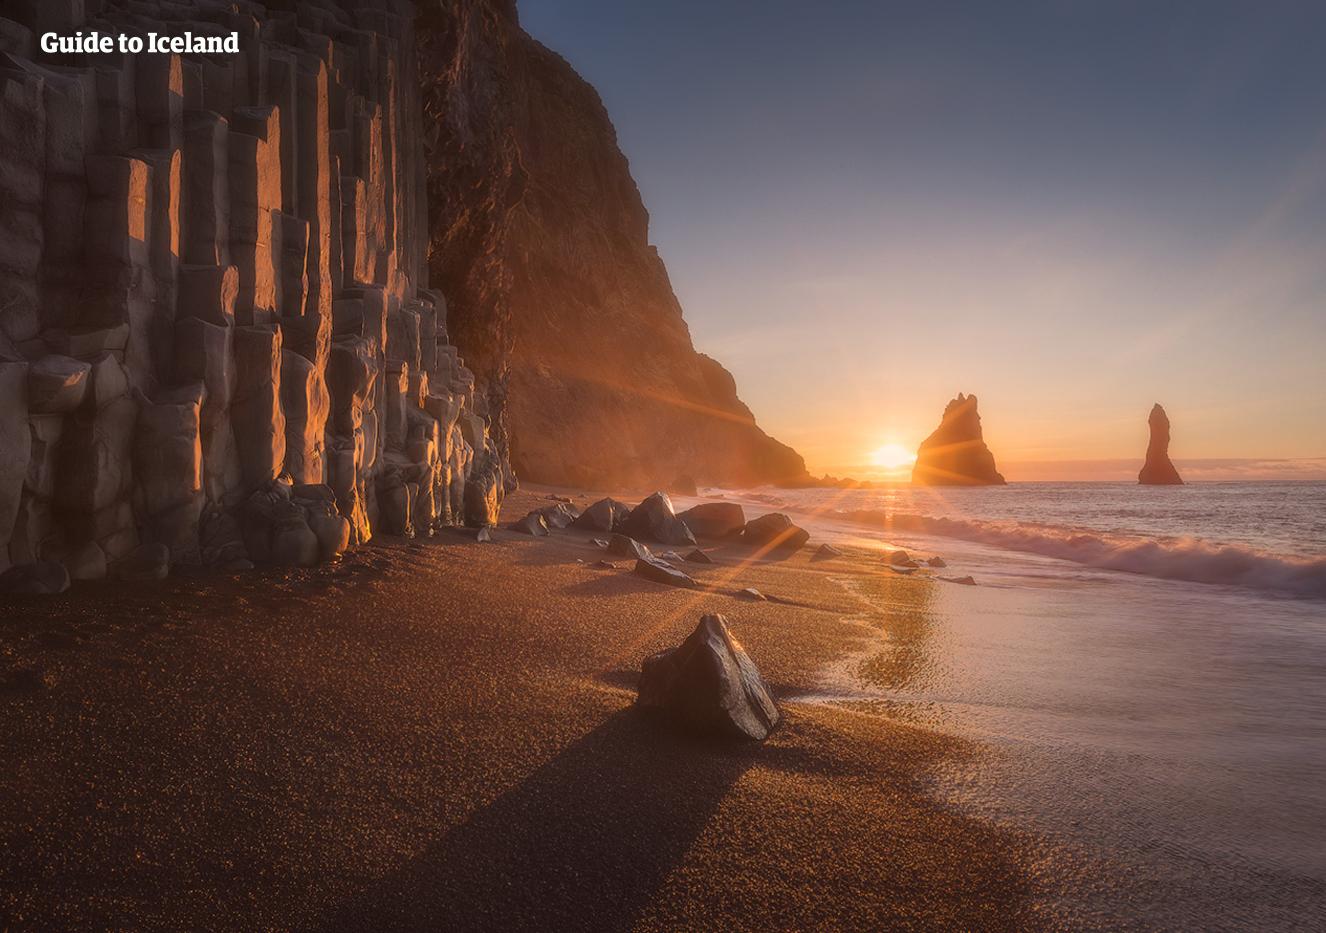 探索冰岛南岸